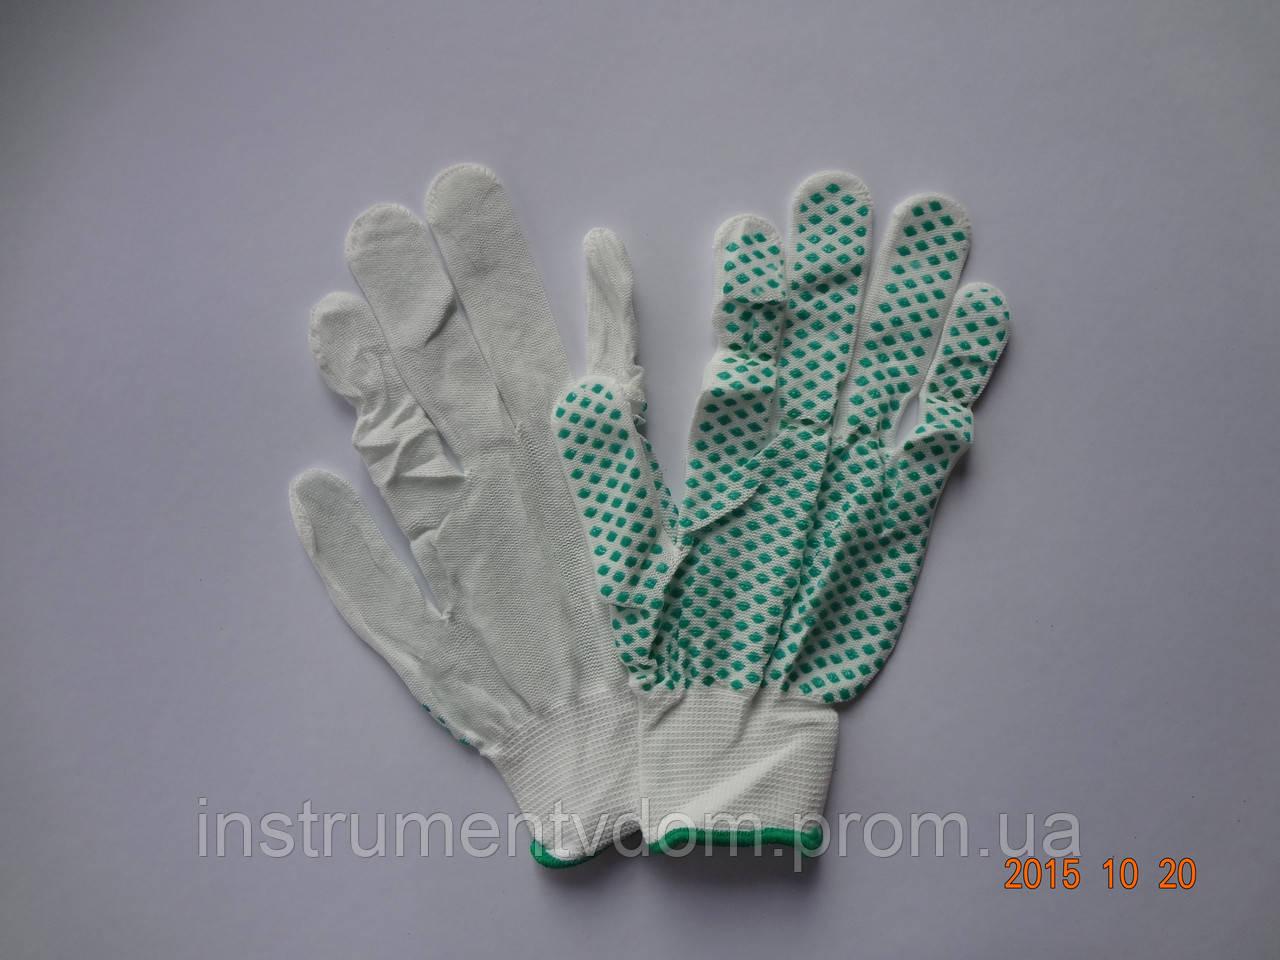 Перчатки белые нейлоновые с ПВХ ромбами (упаковка 12 пар)